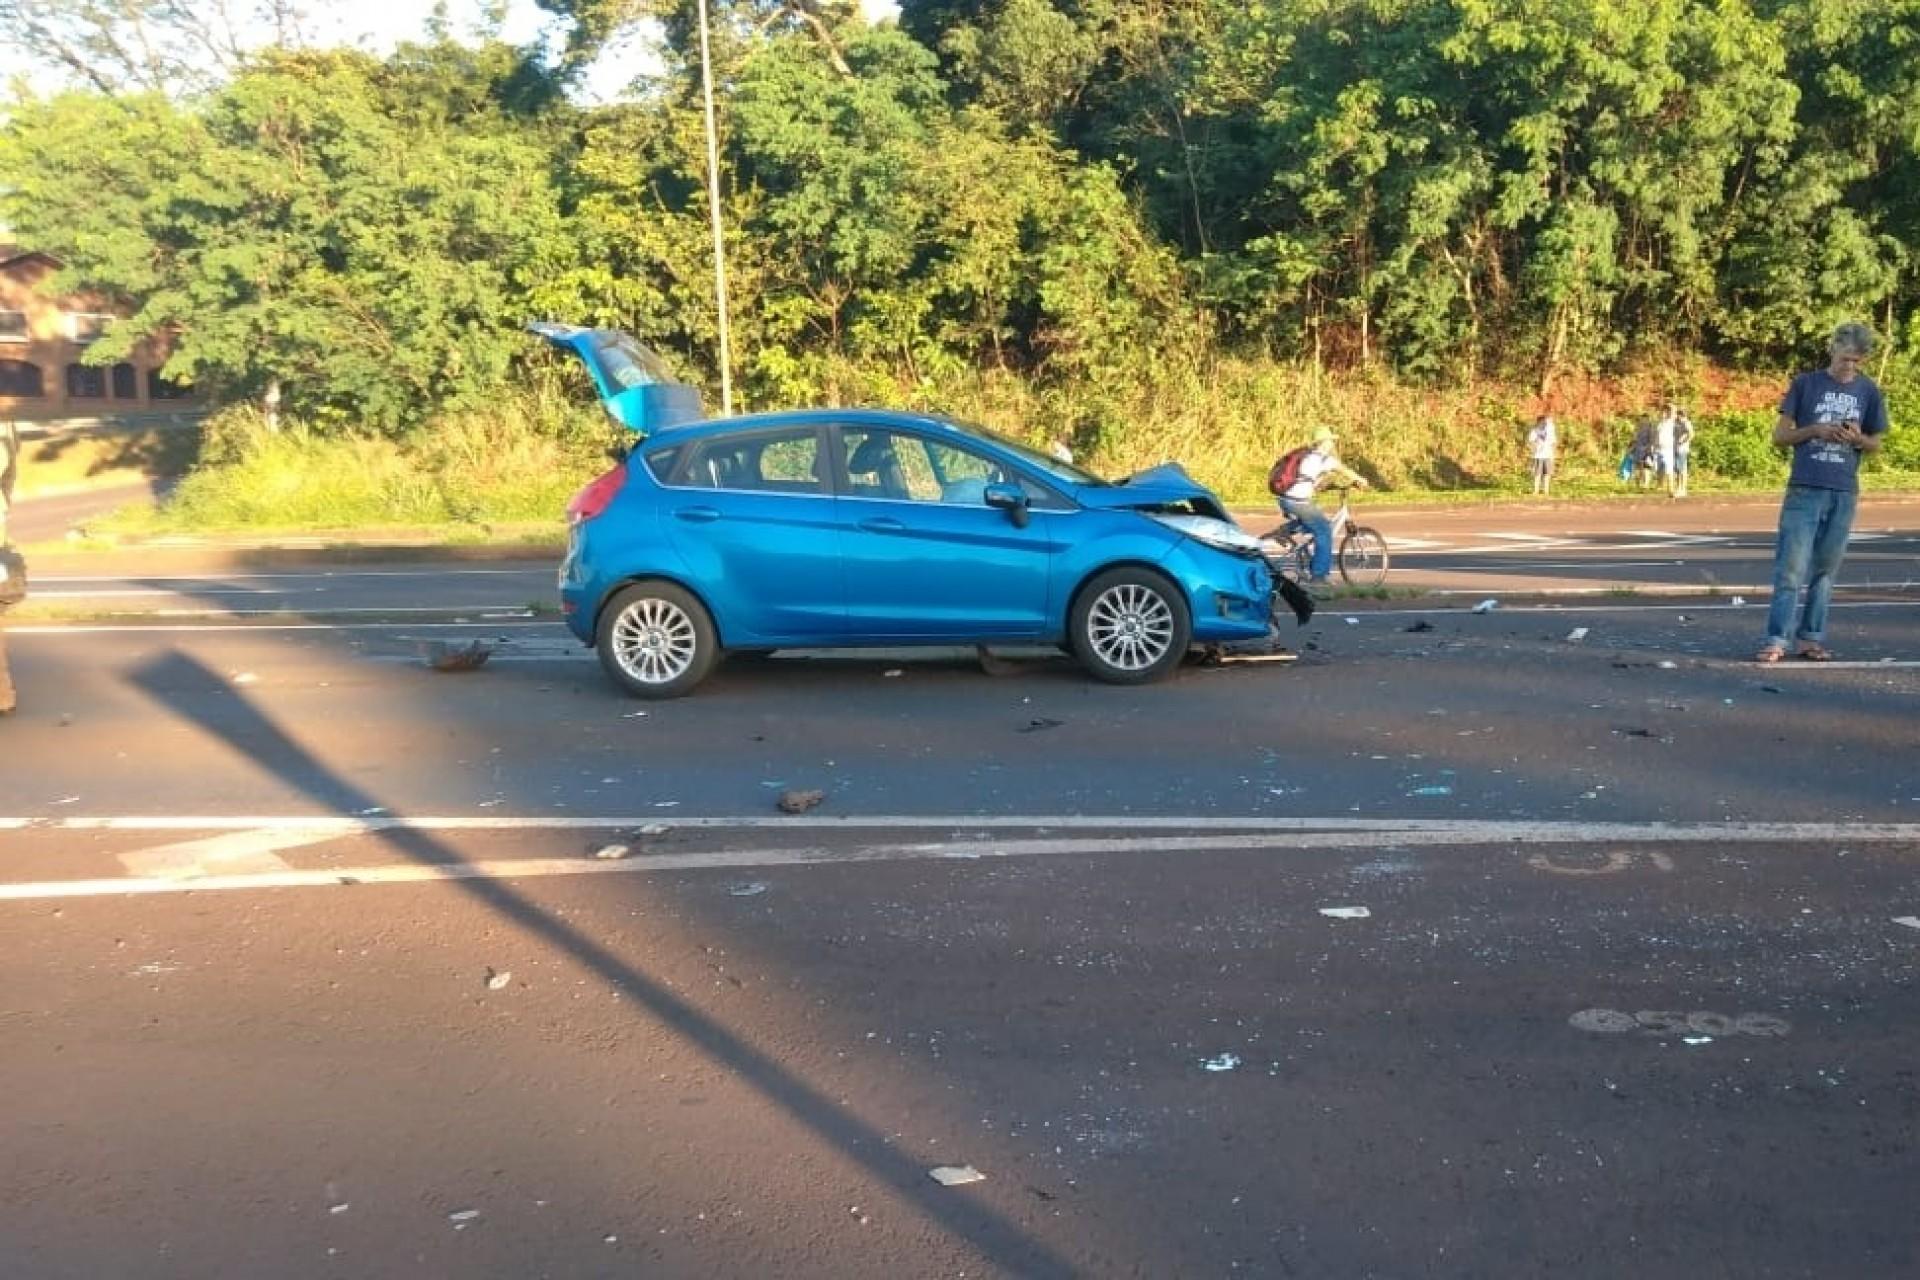 Motorista tenta fazer retorno irregular e provoca acidente na BR 277 em Medianeira